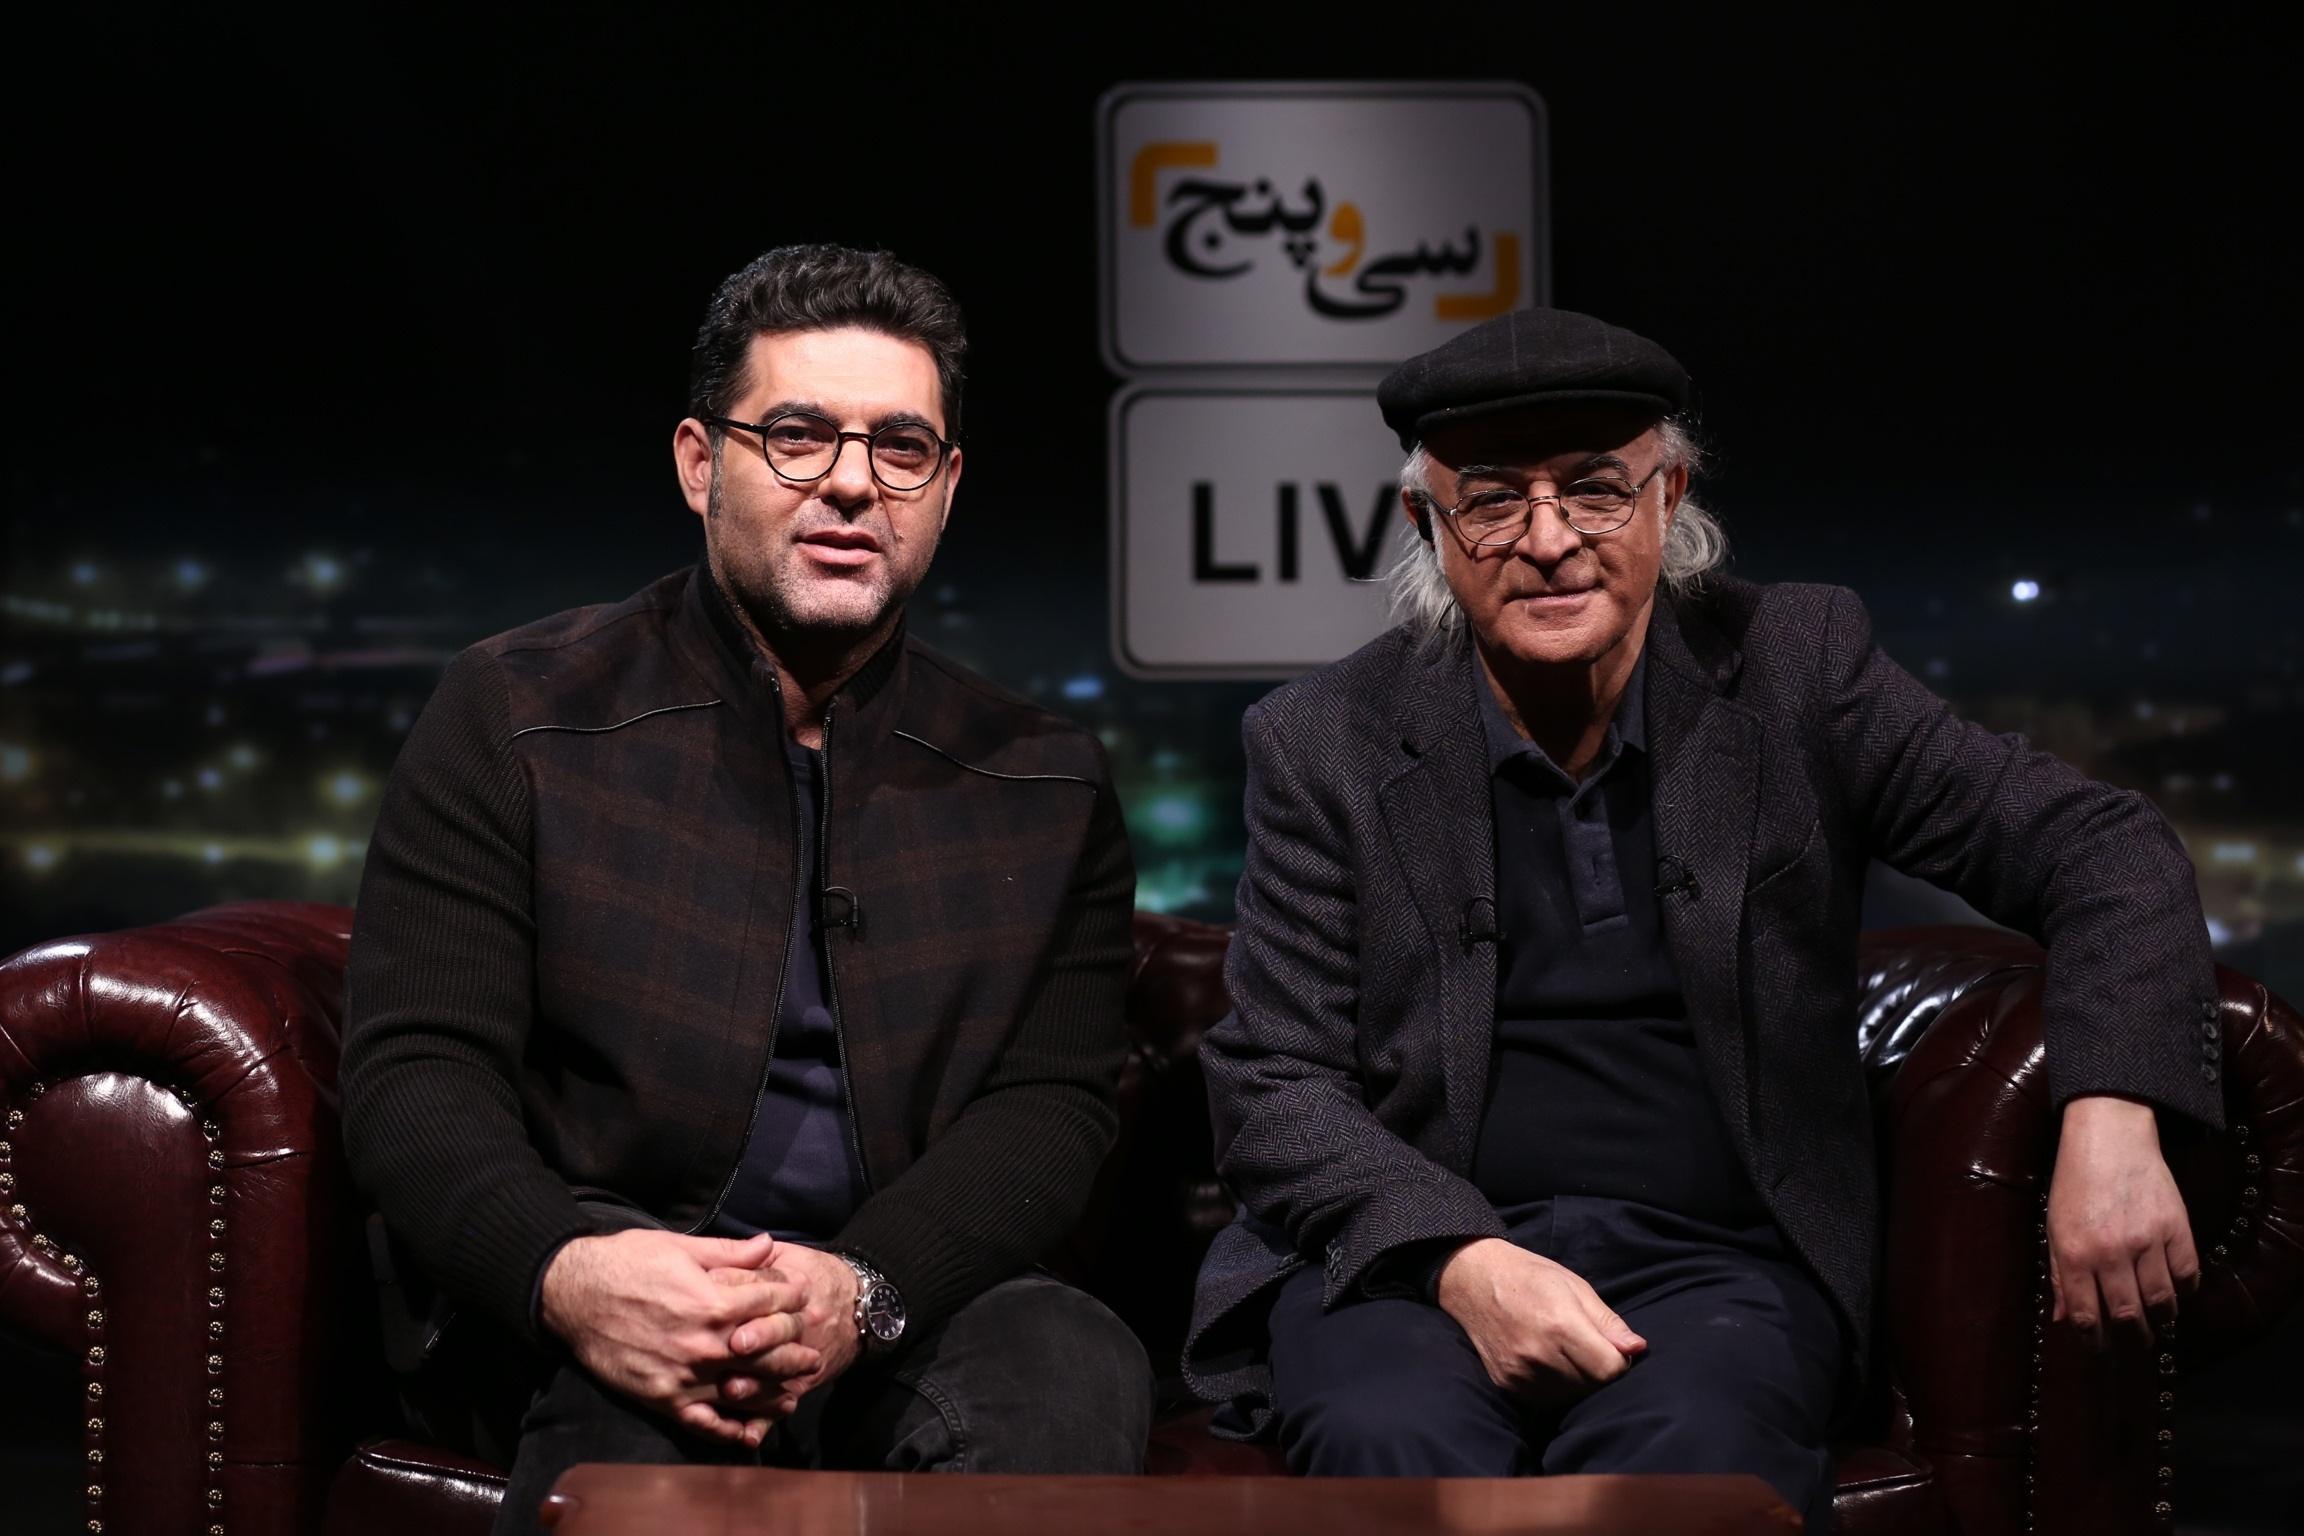 کارگردان «بارکد»: حرکت تلویزیون در ماجرای ناصر ملکمطیعی خیلی بد بود